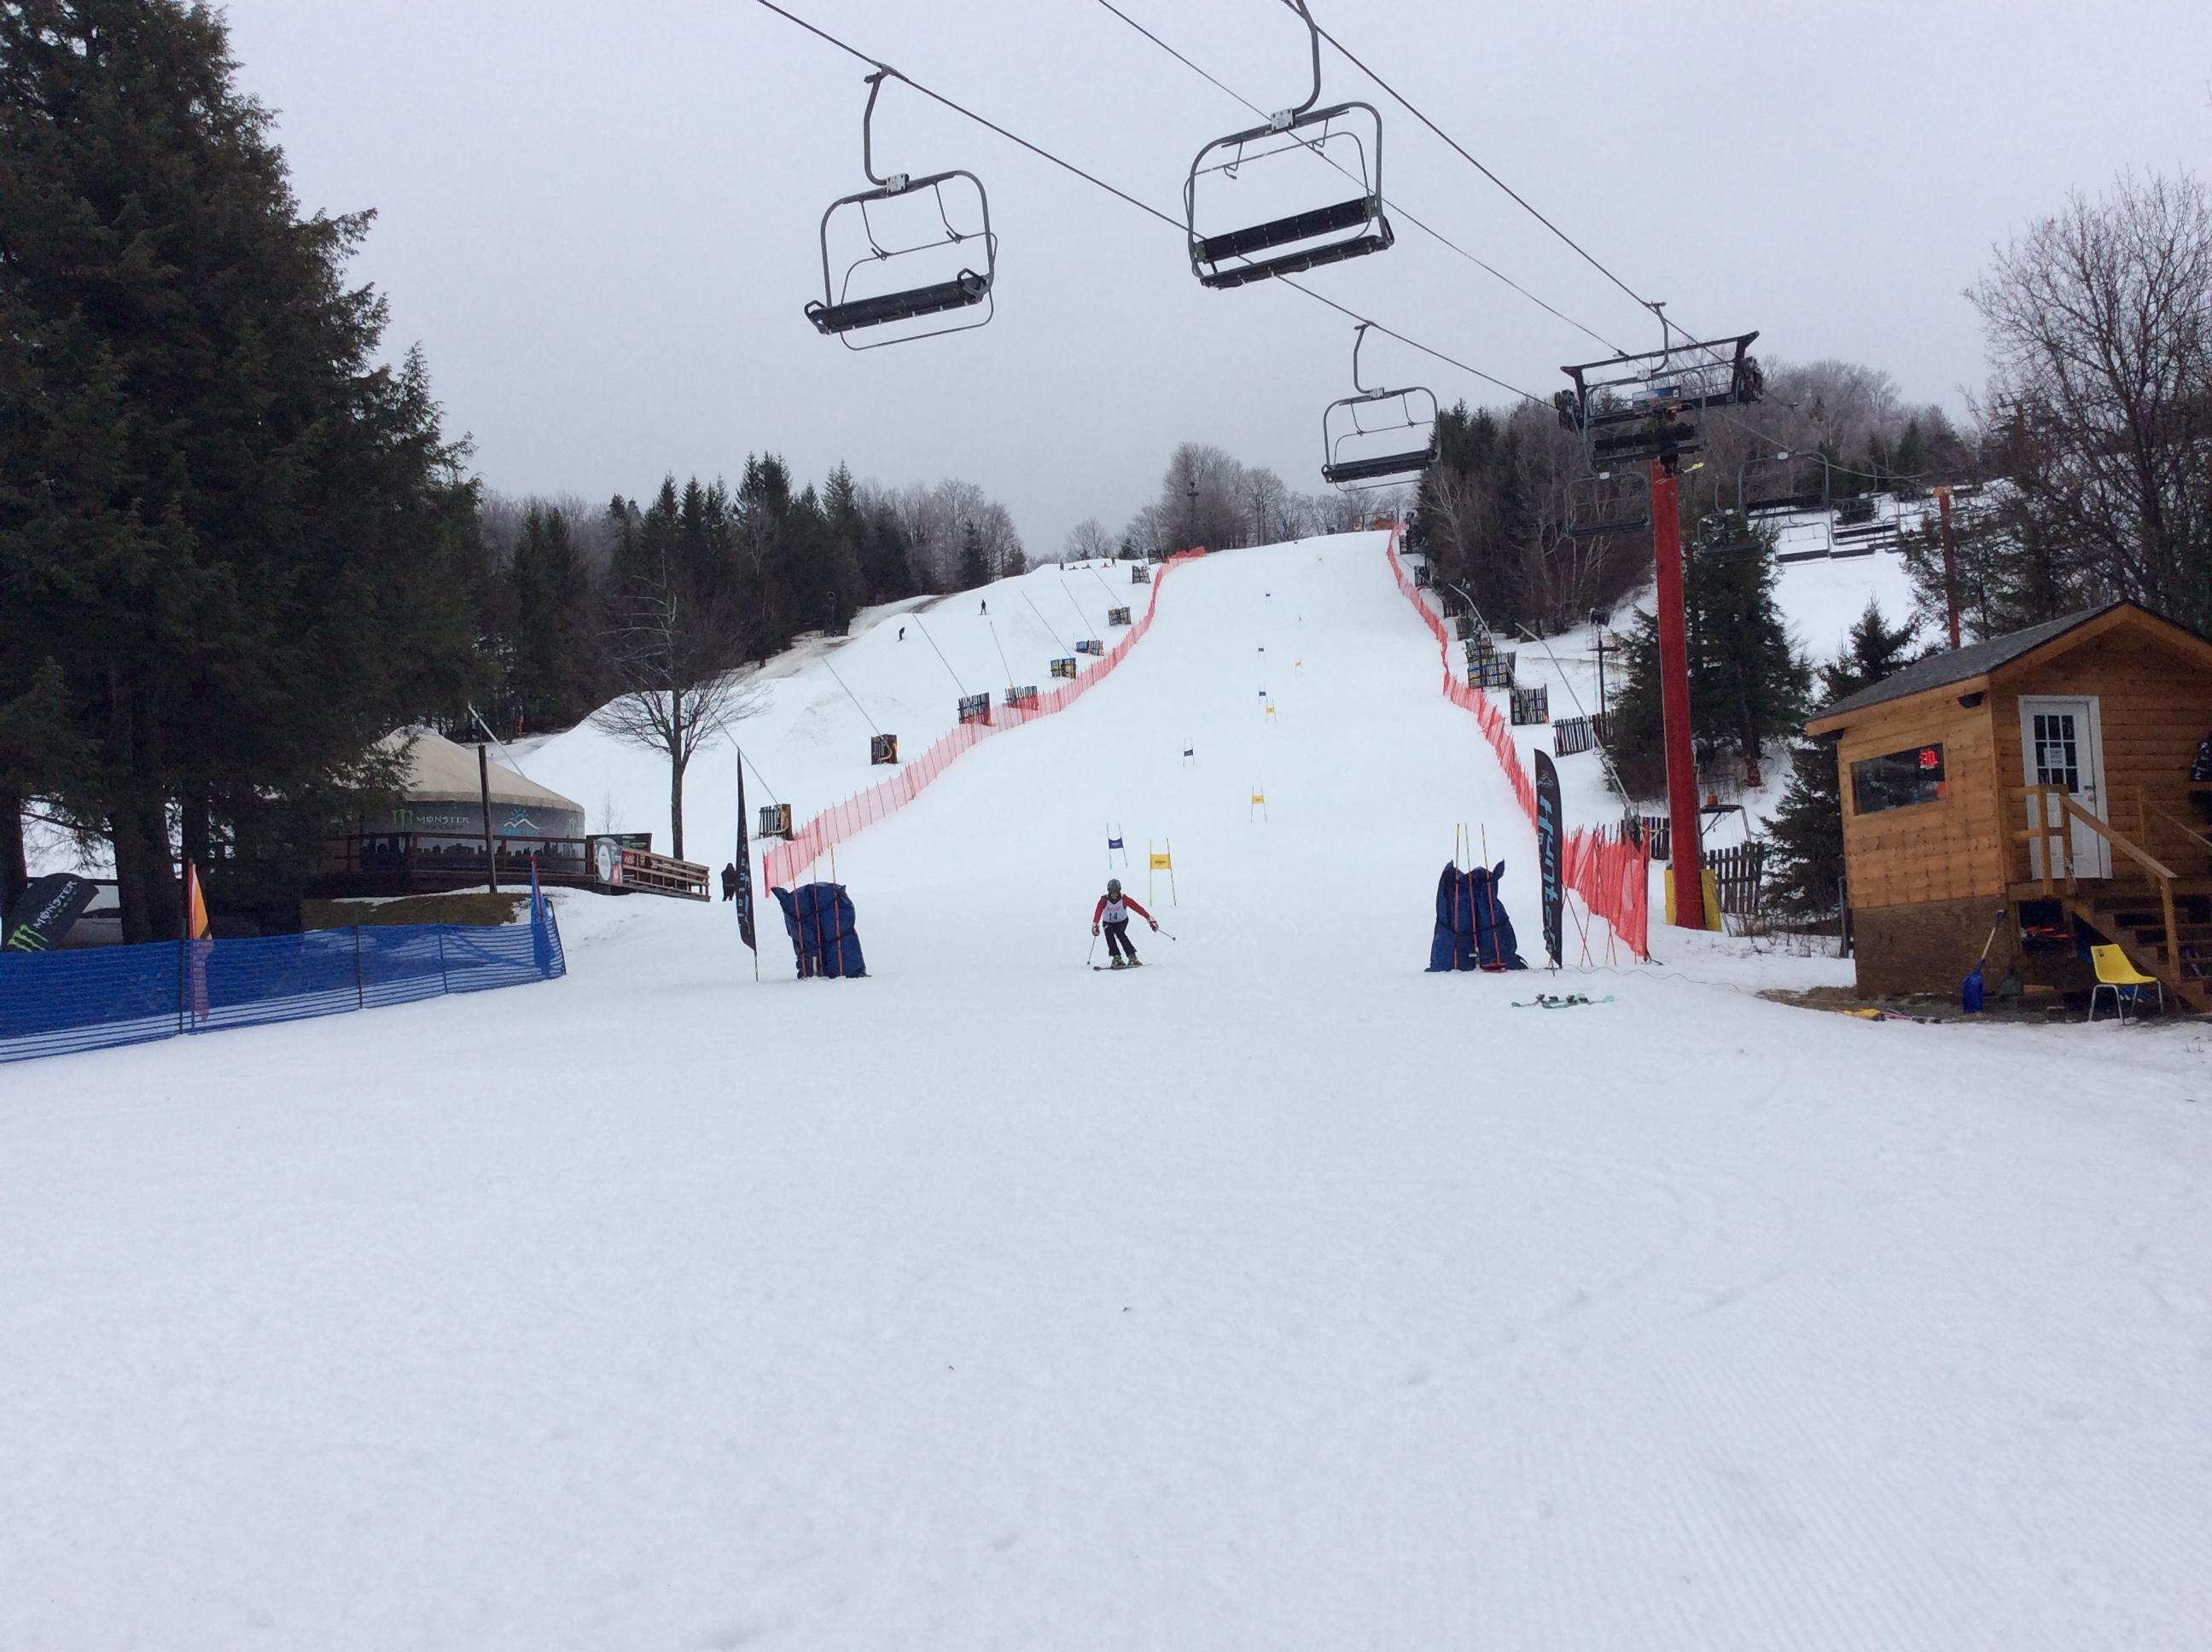 nypd-ski-club_32018722020_o